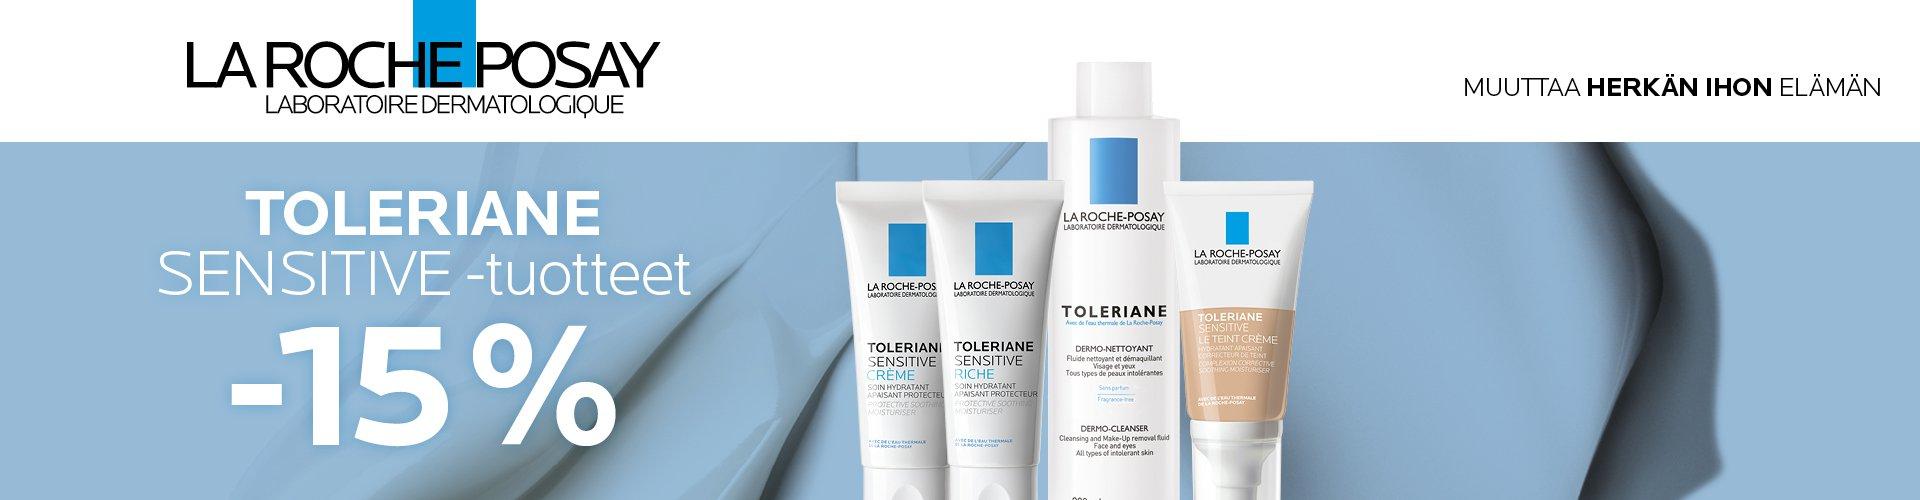 La Roche Posay Tolerian Sensitive tuotteet -15%